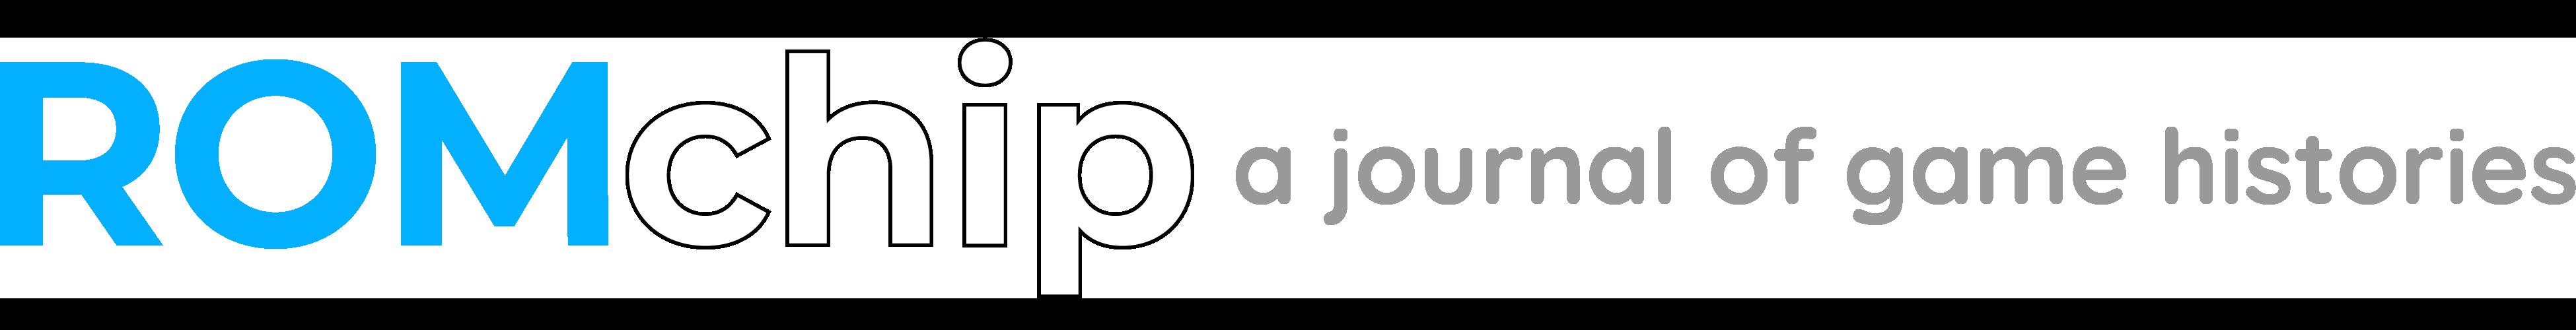 ROMchip journal